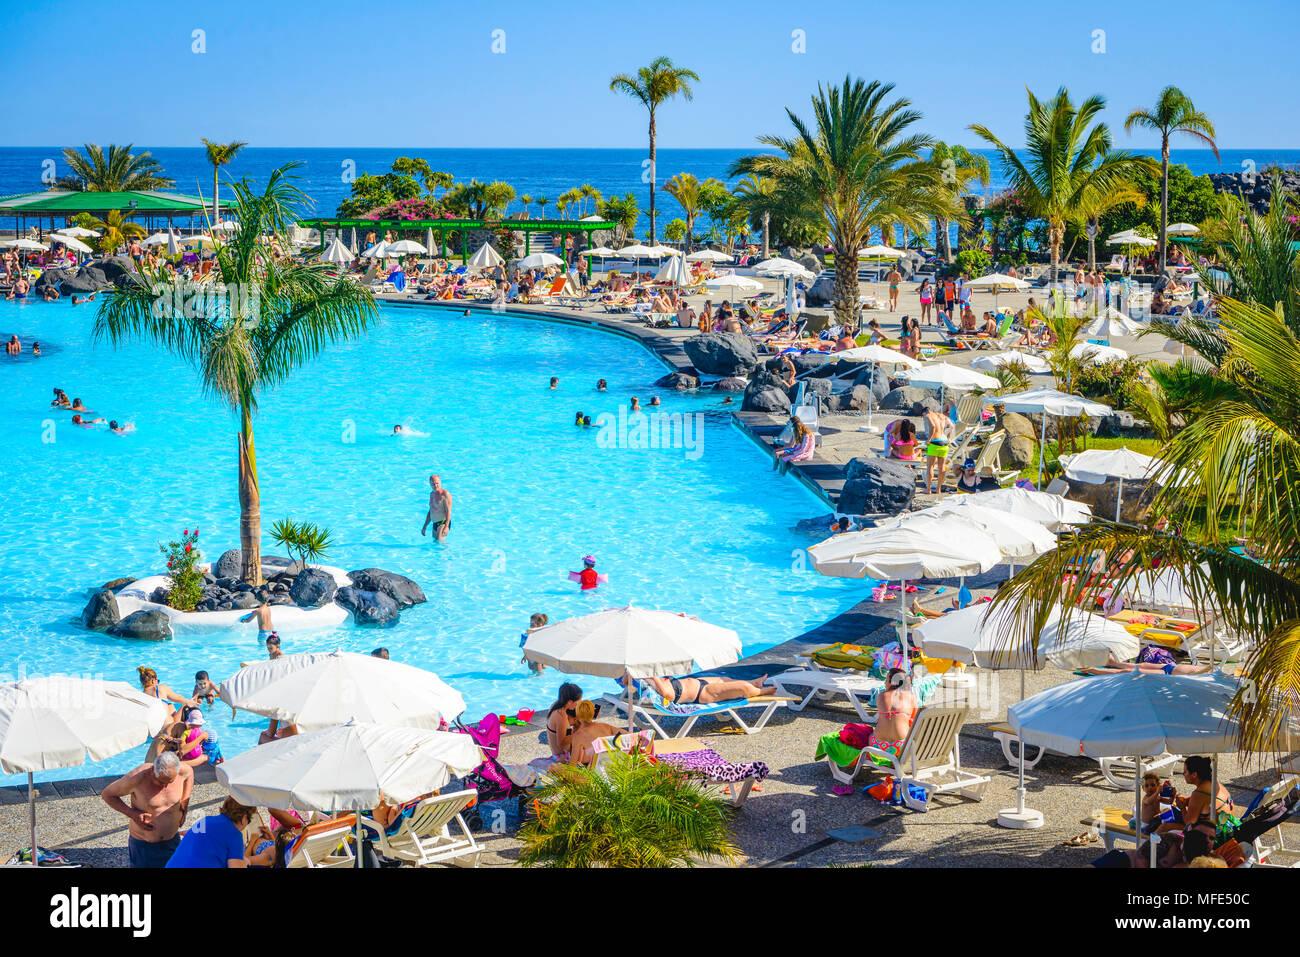 Swimming Pools Parque Maritimo Of Cesar Manrique Santa Cruz De